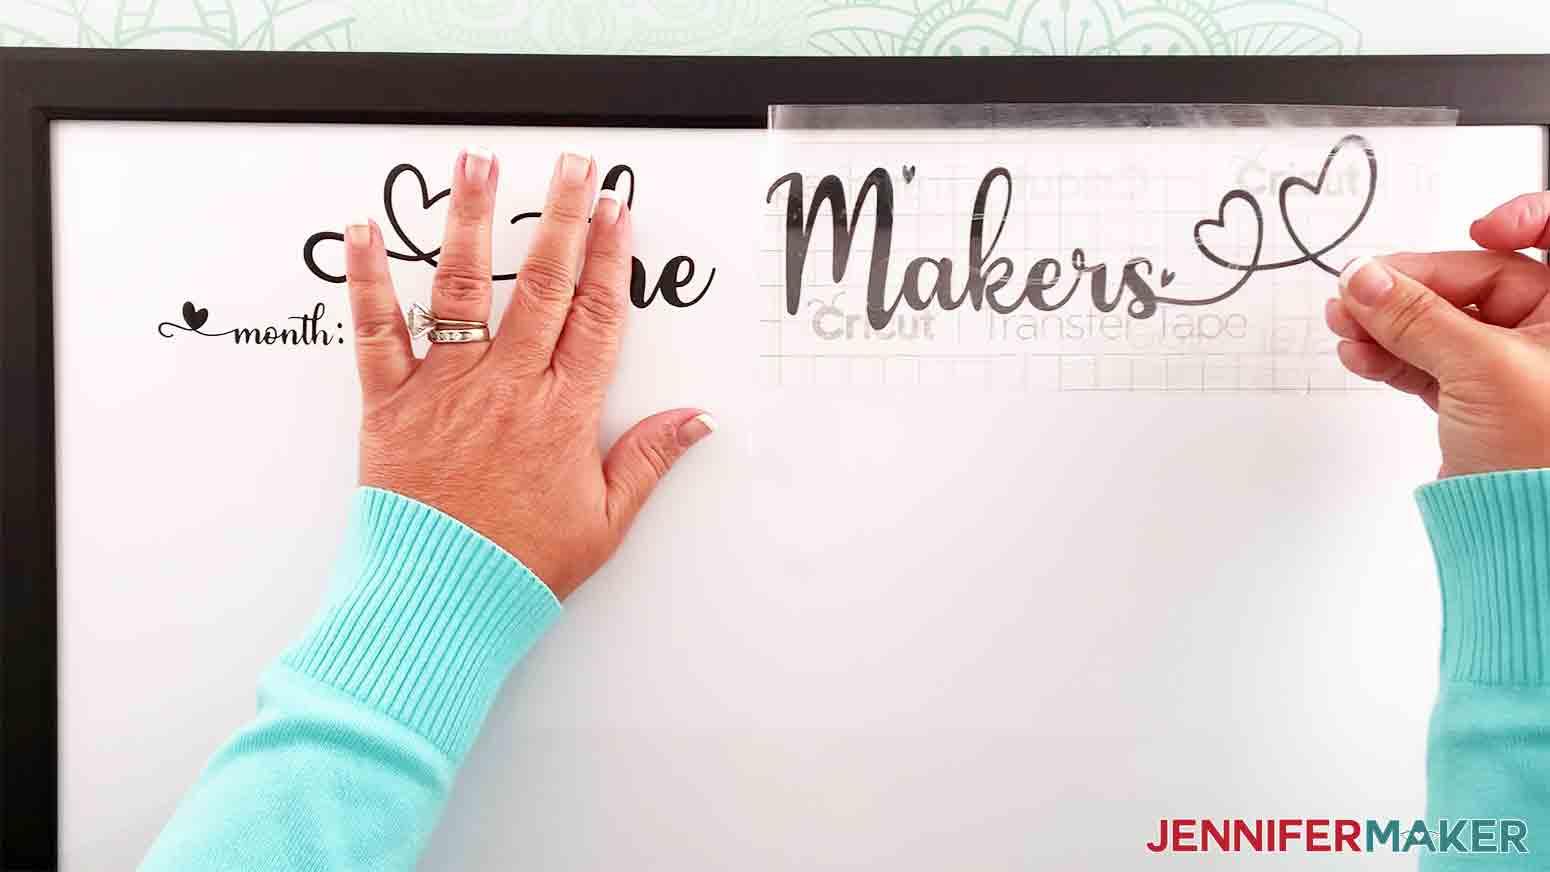 DIY-Whiteboard-Calendar-JenniferMaker-remove-transfer-tape-from-last-name